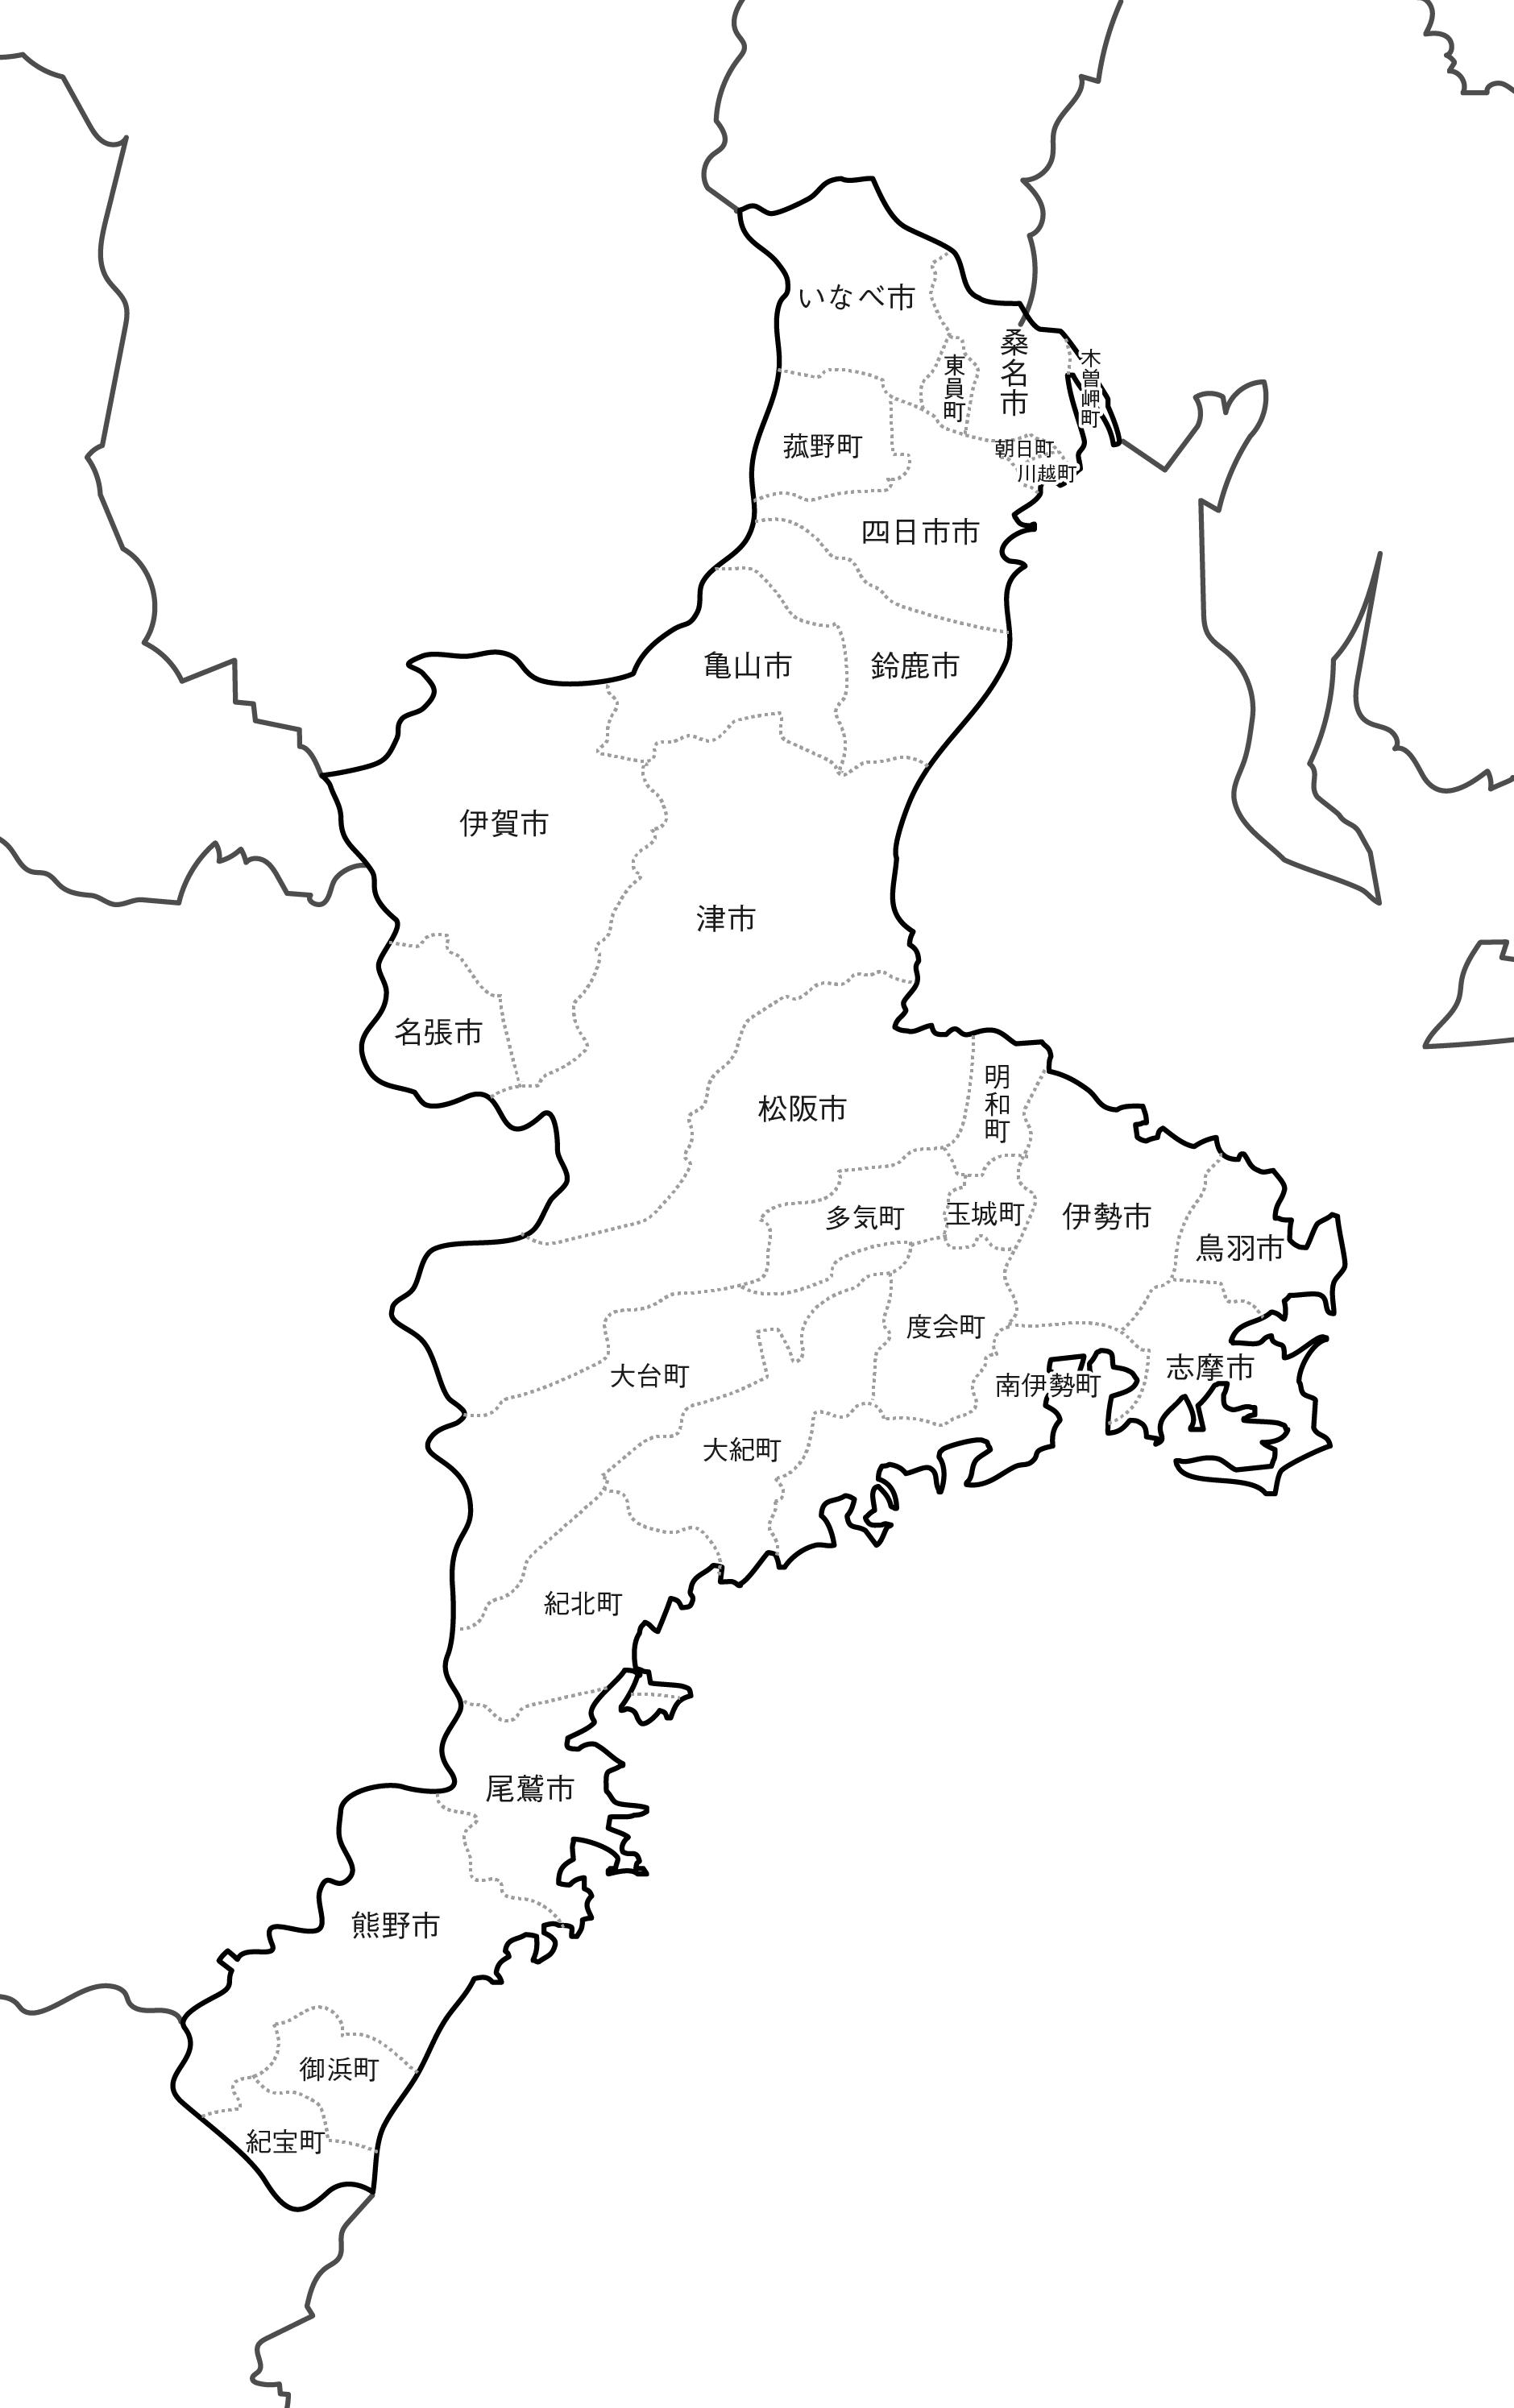 [白地図]三重県・ラインあり・市区町村名あり・隣県あり